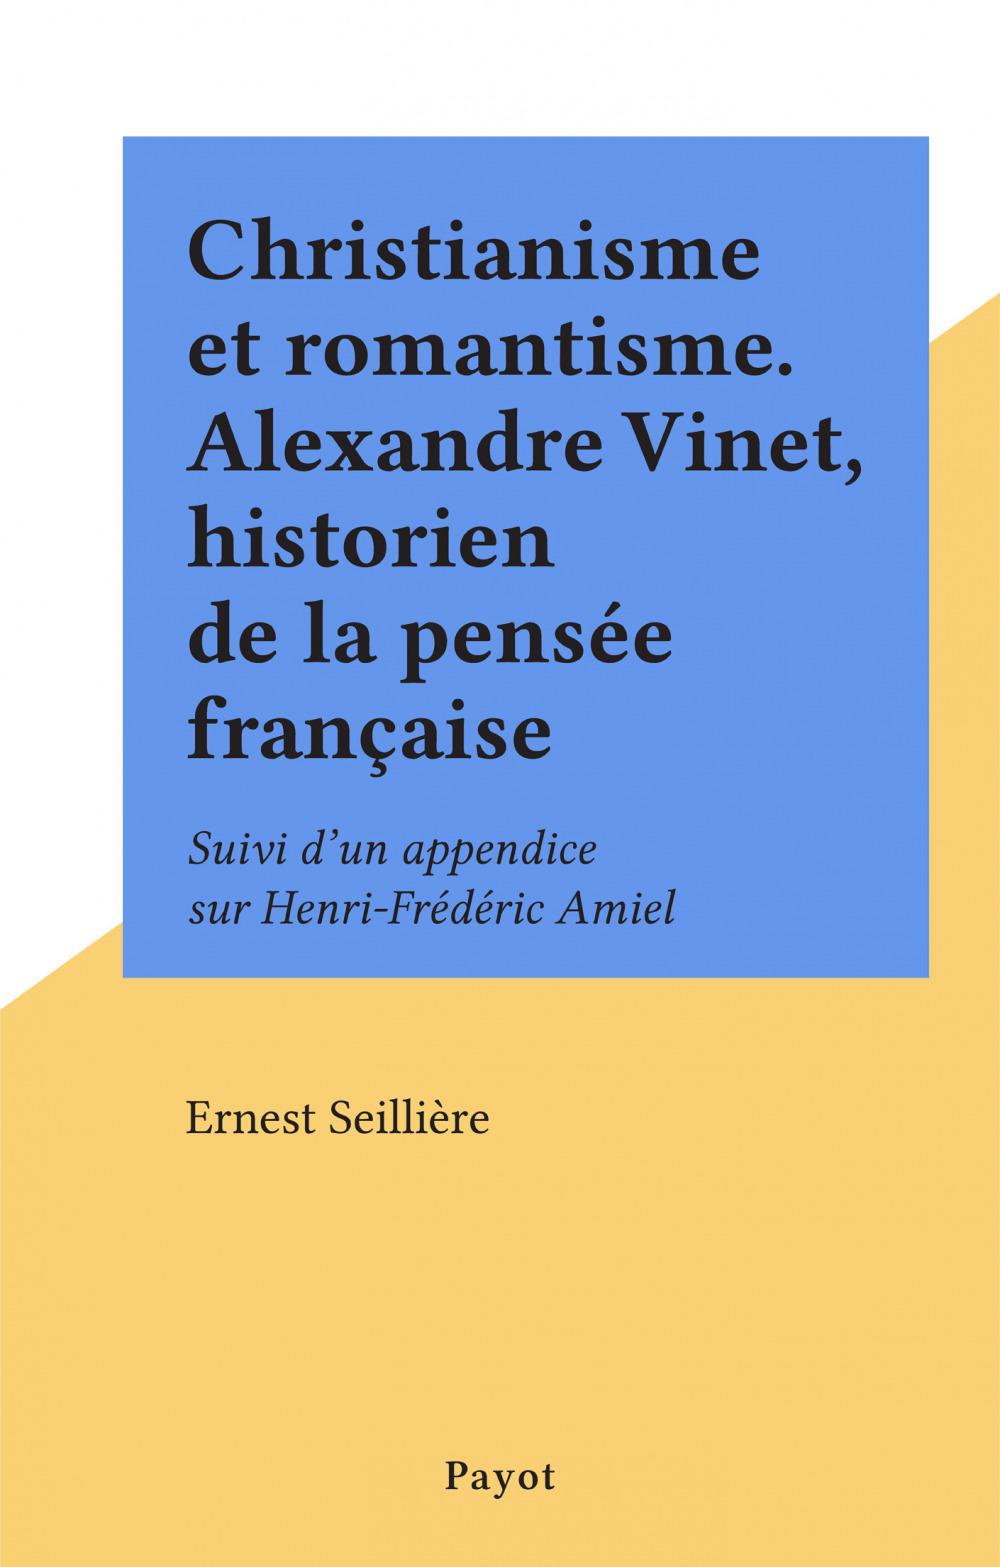 Christianisme et romantisme. Alexandre Vinet, historien de la pensée française  - Ernest Seillière